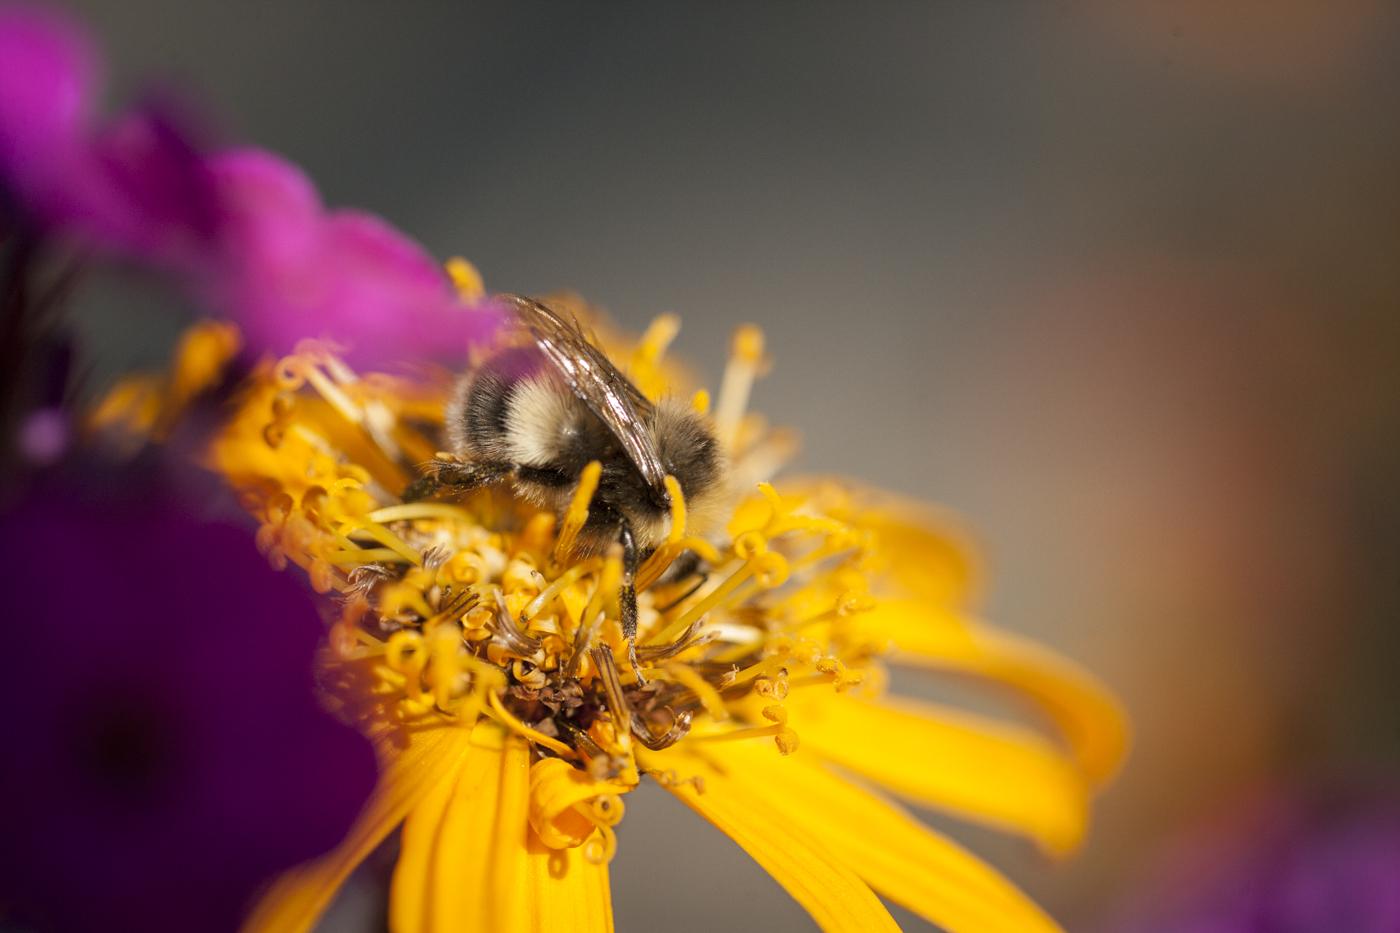 Humlor och bin är viktiga för mångfalden. Köper du produkter med honung i bidrar du automatiskt till att stödja binäringen i hela världen.